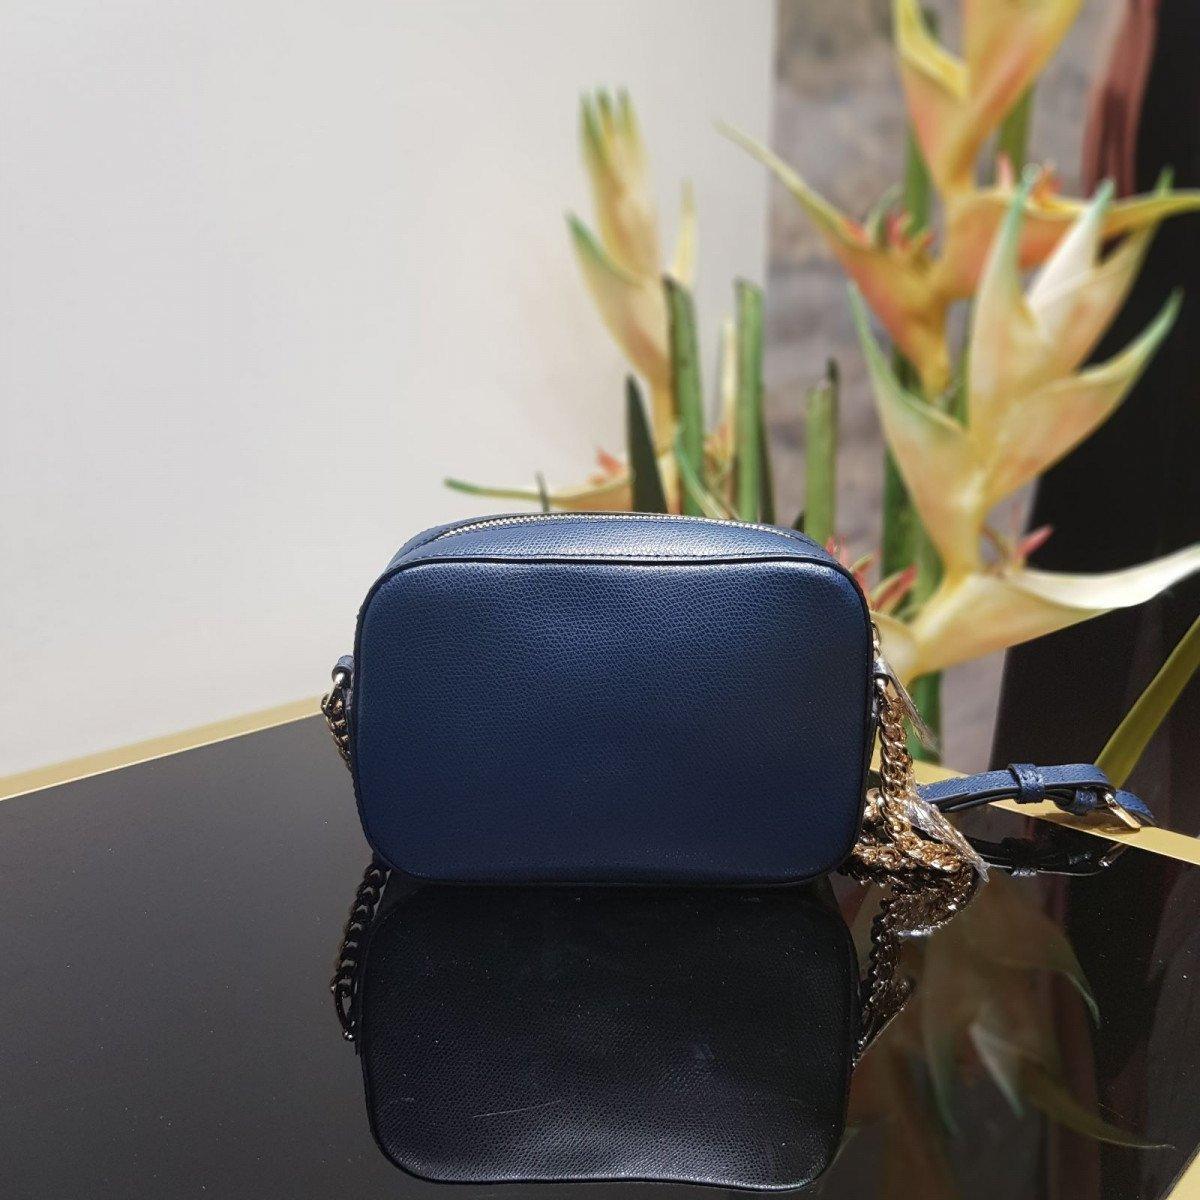 Женская кожаная сумка La Martina 41W282 O0005 navy из натуральной кожи